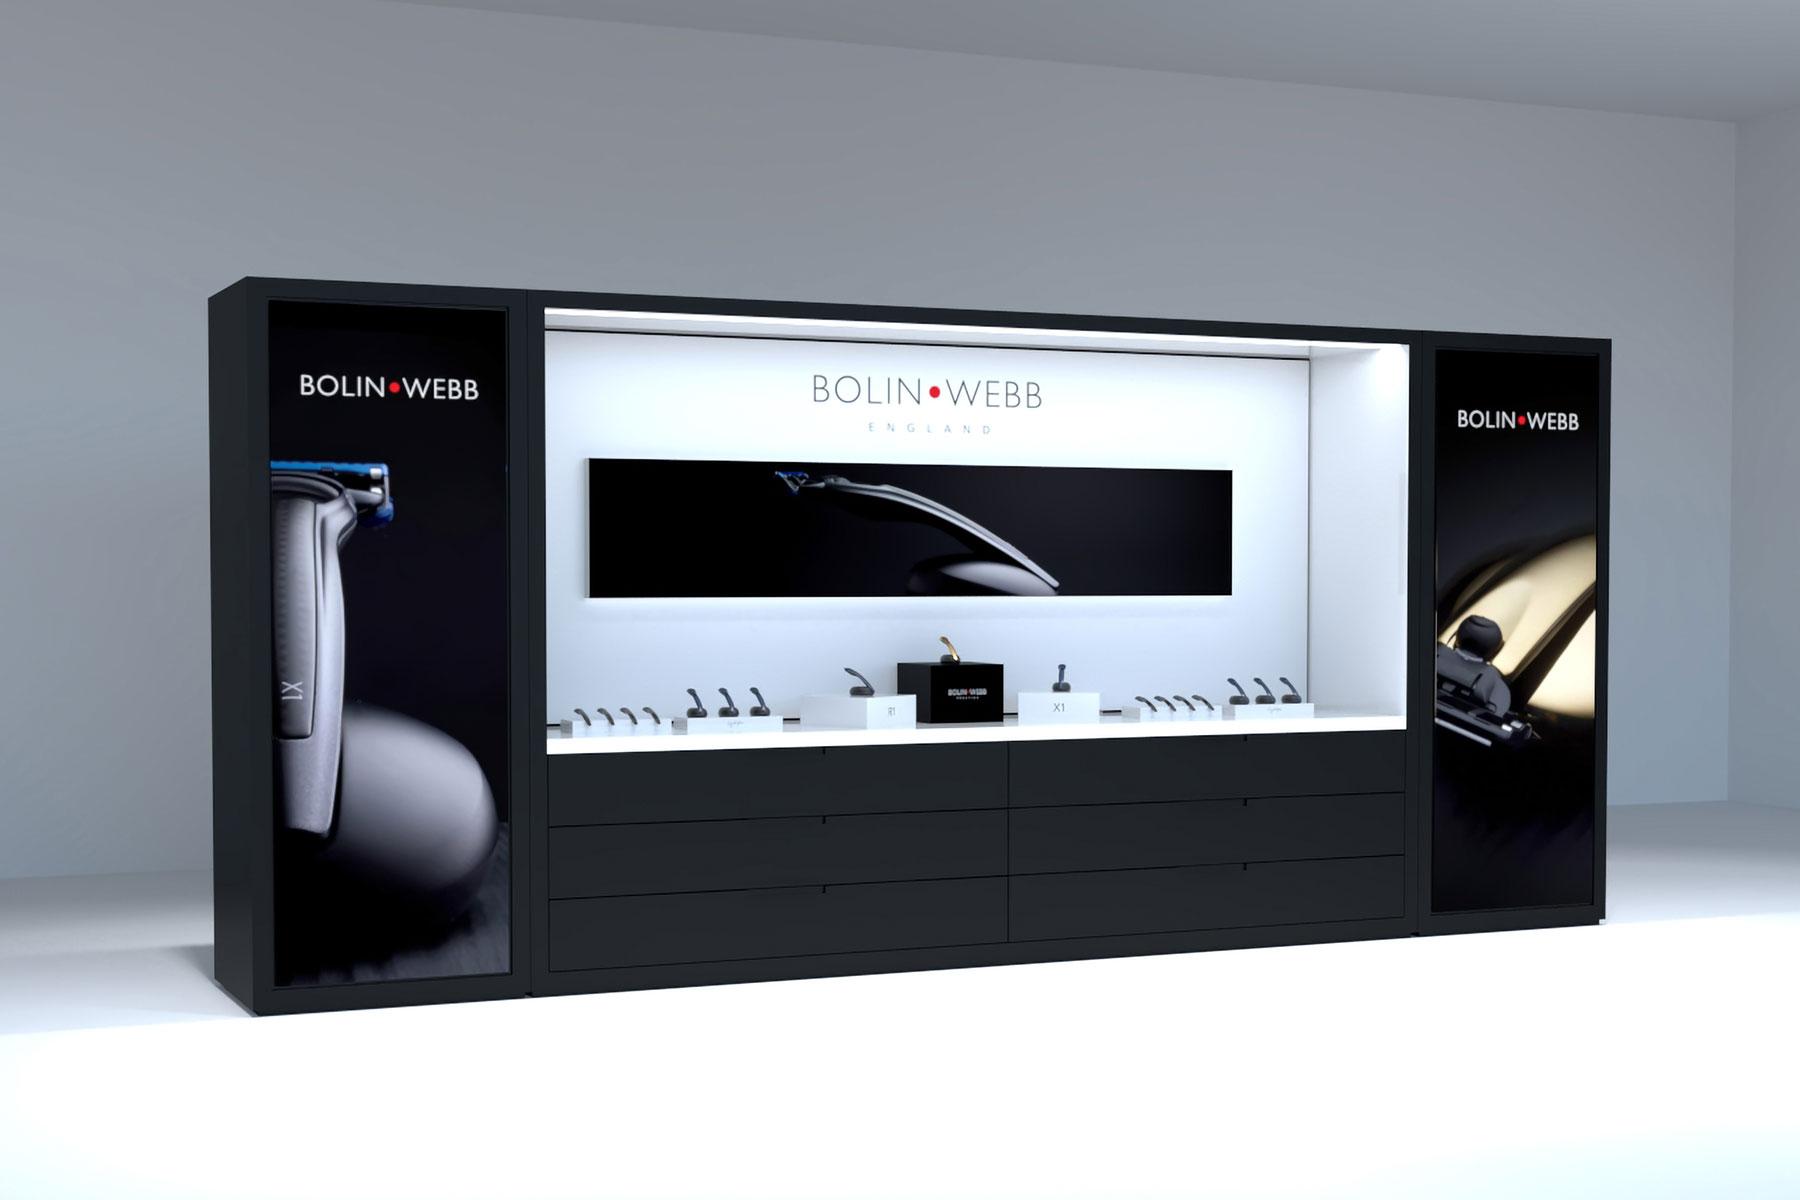 Point of Sale design for Bolin Webb branding